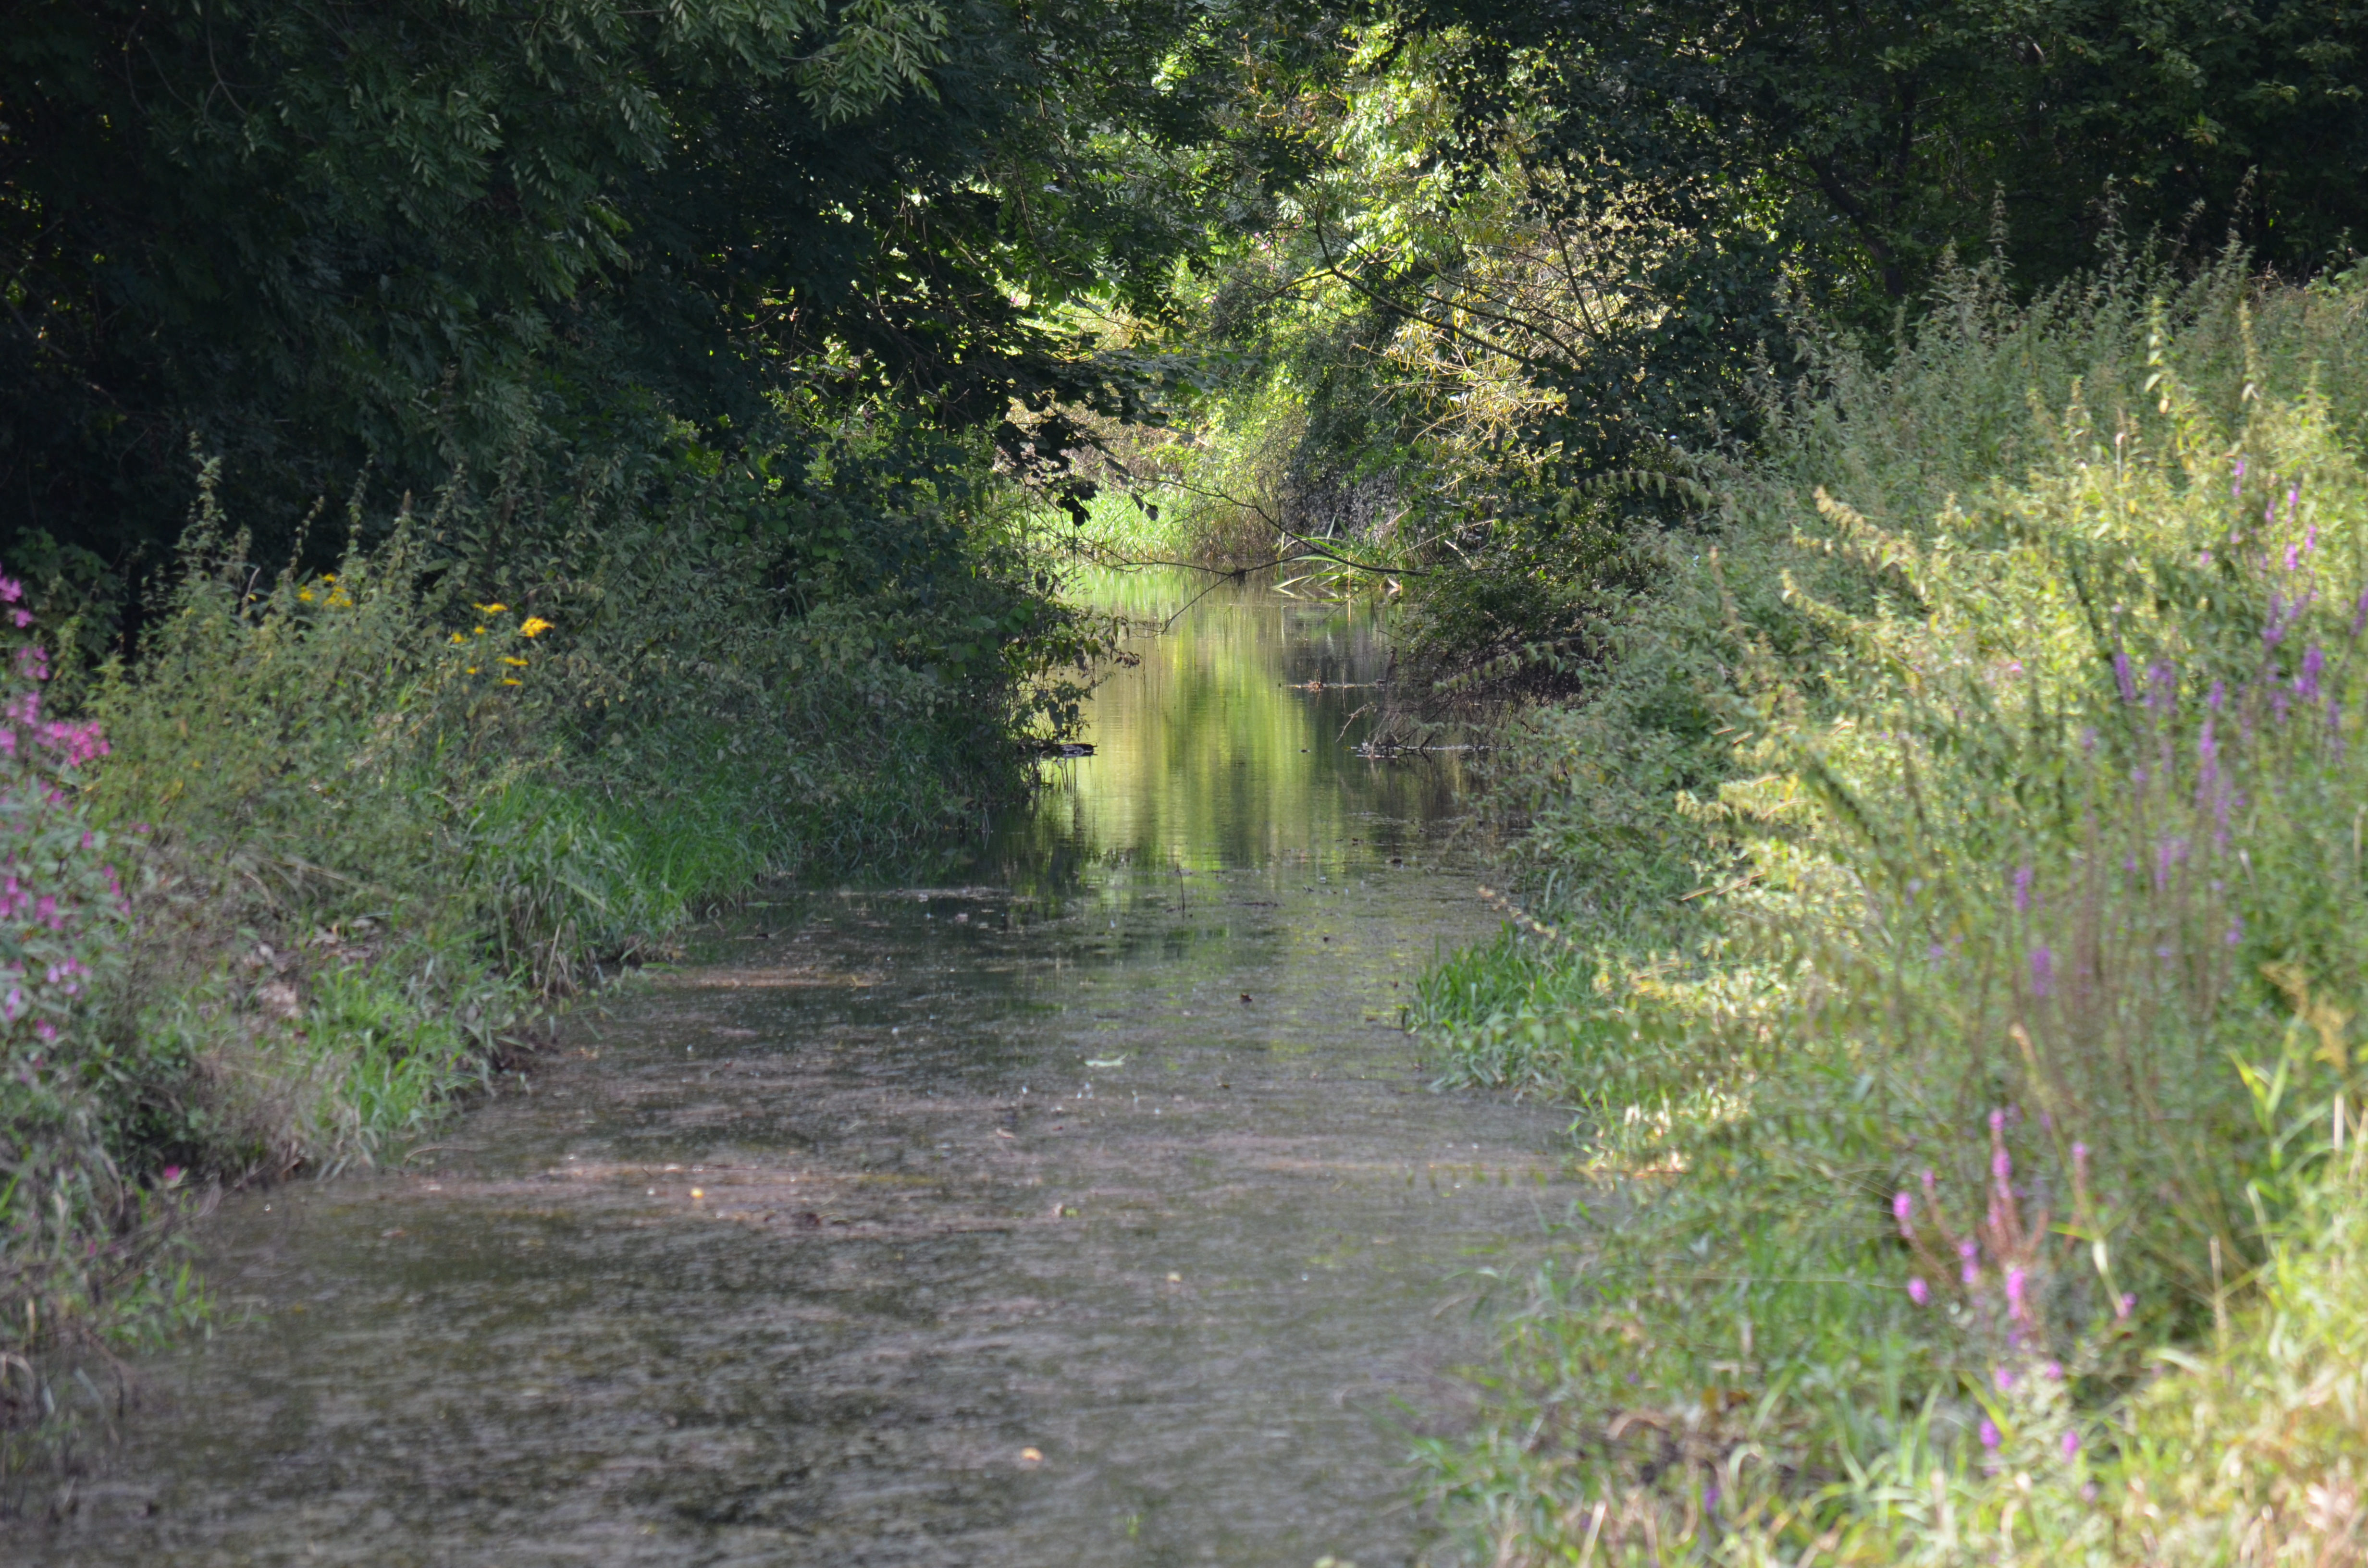 Mühlenkanal vor der Mündung in die Ilme